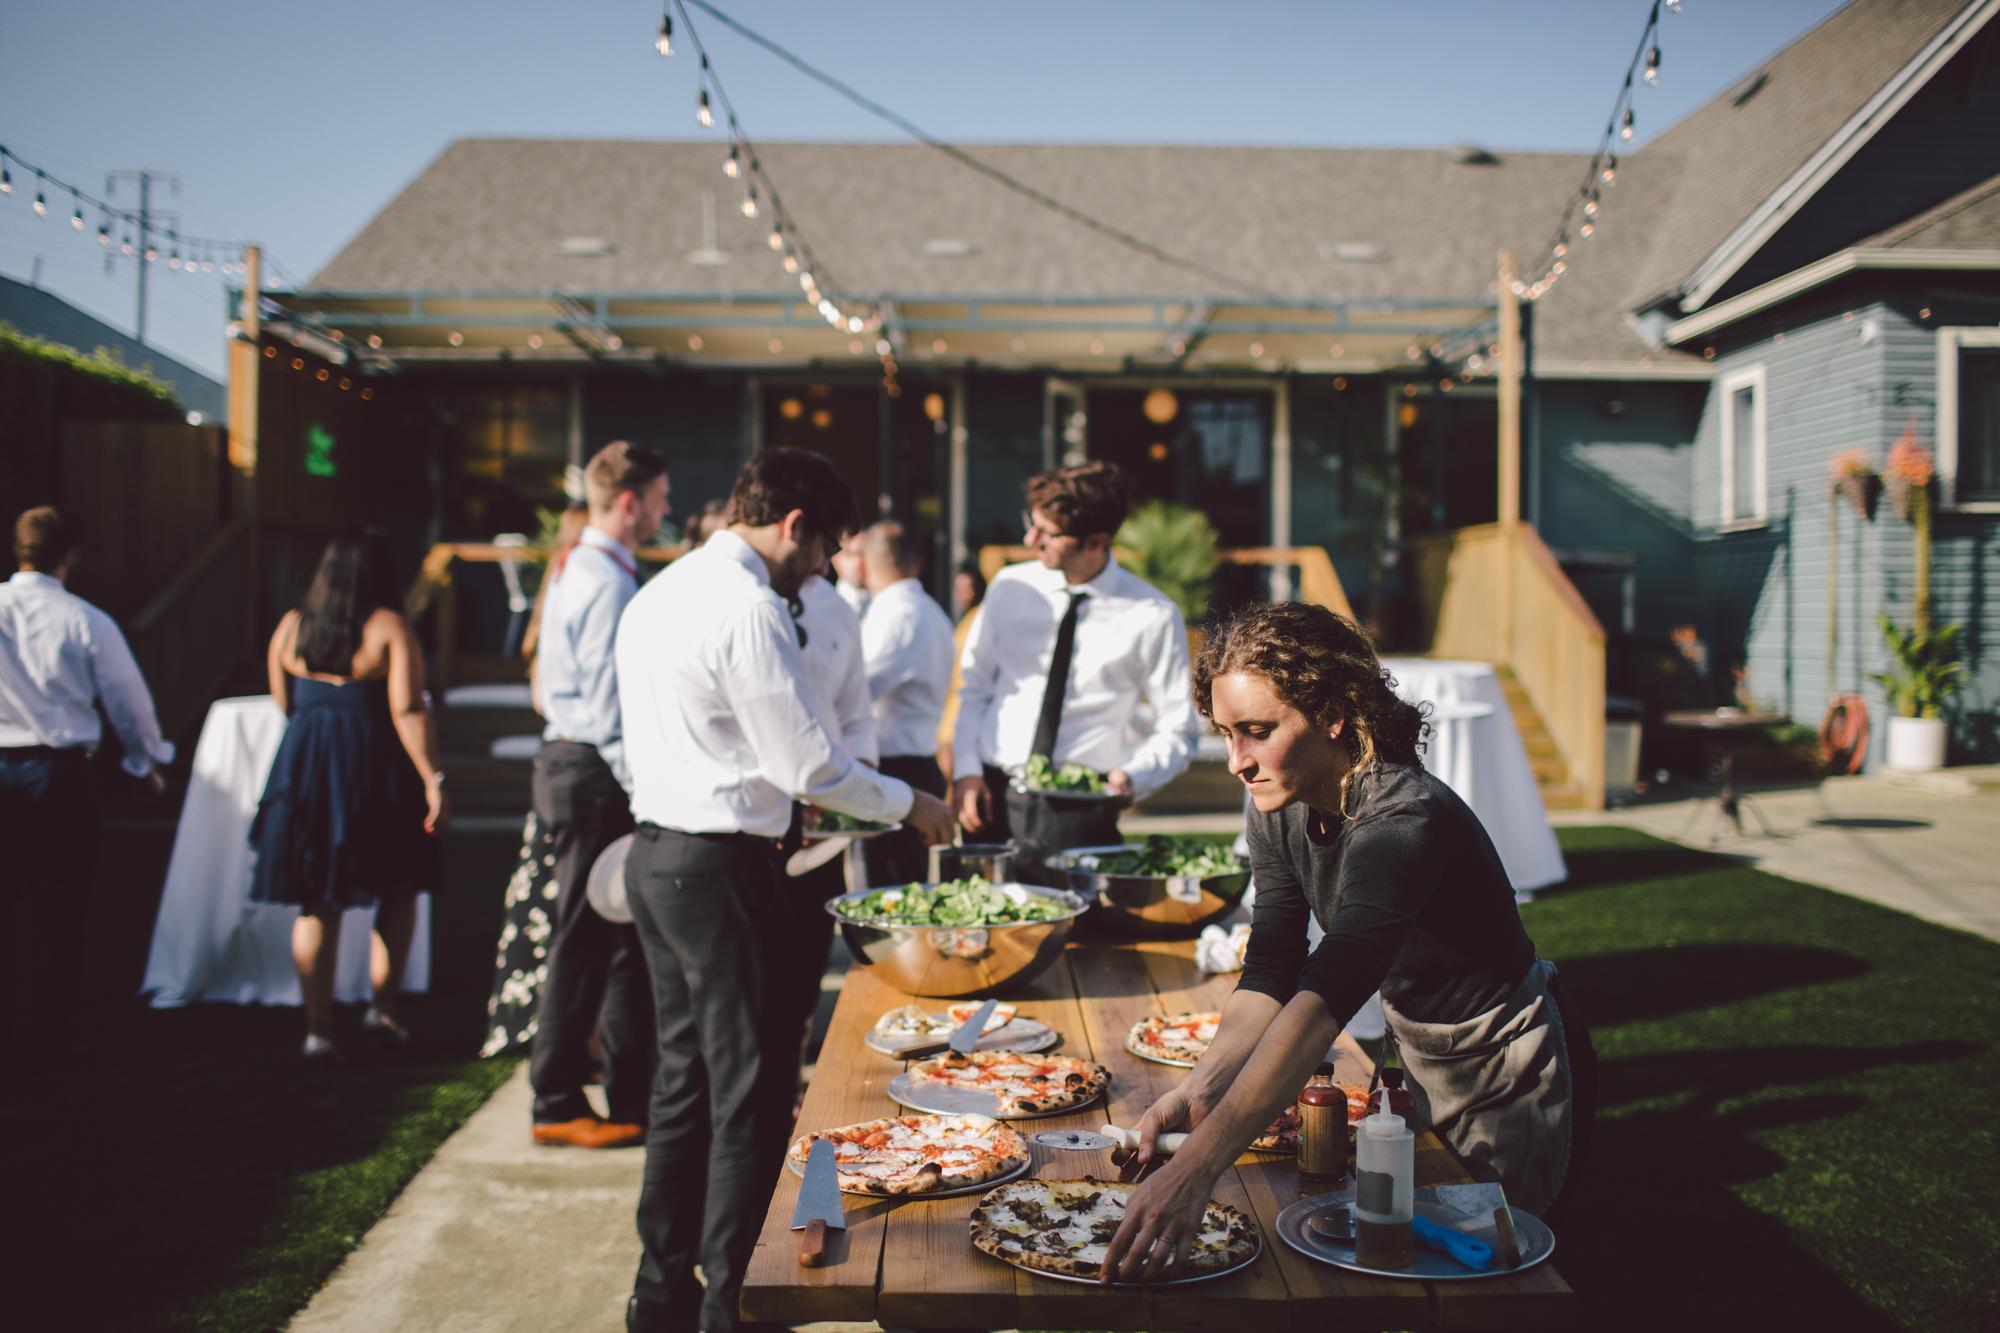 outdoor ceremony-los angeles-cool wedding venue-pizza